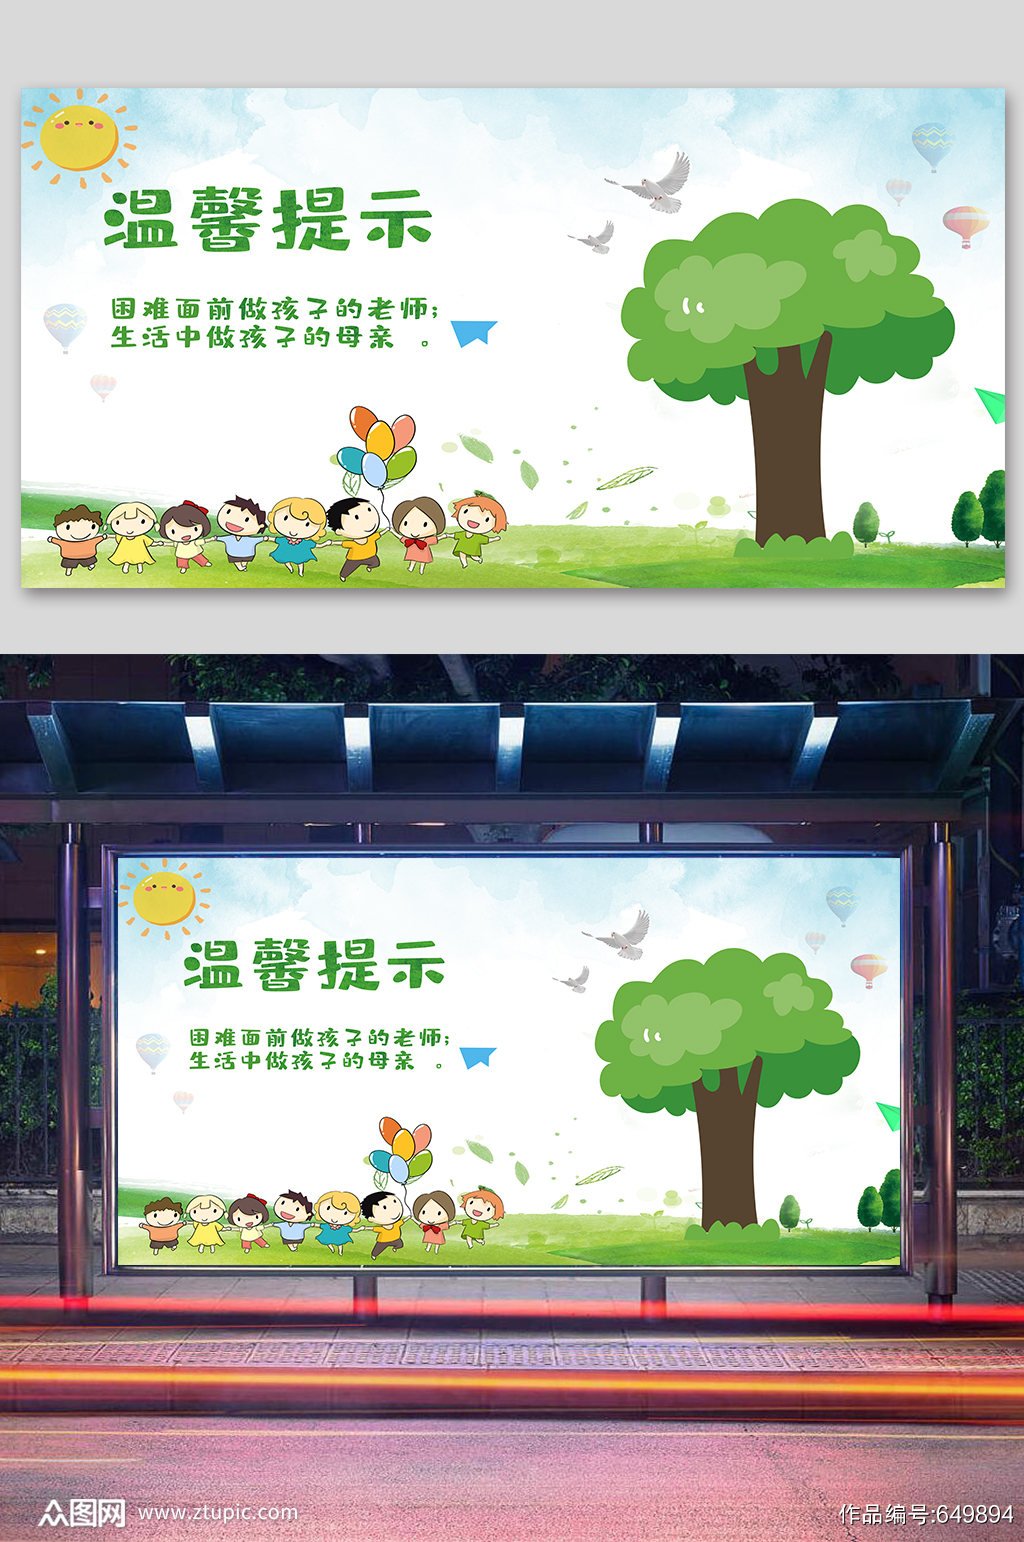 幼儿园宣传栏幼儿园展板素材